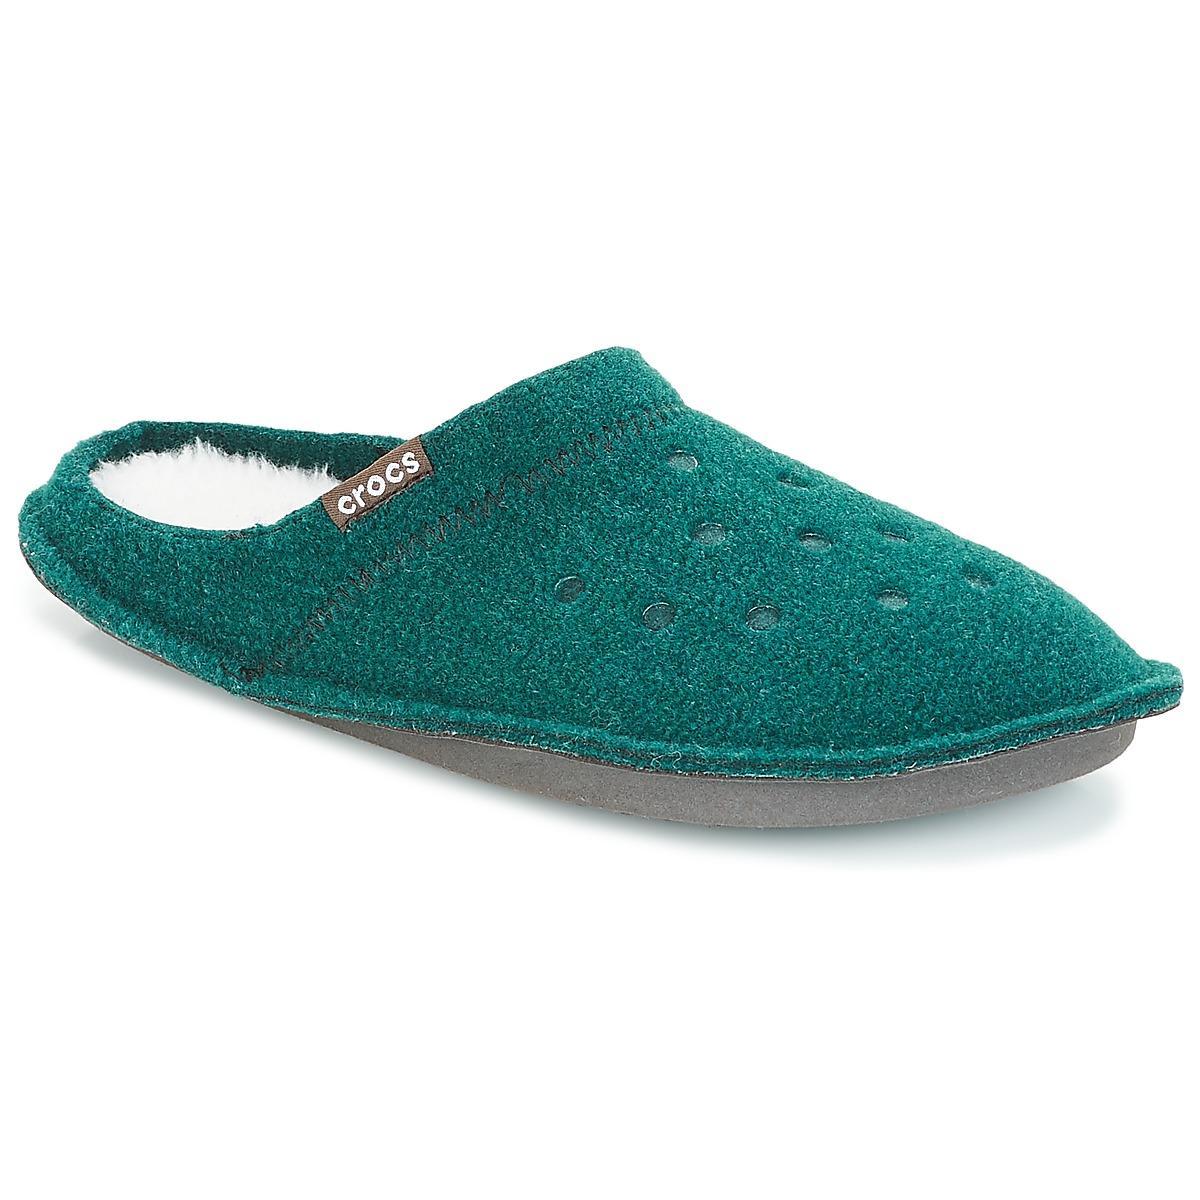 Pantofole donna Crocs  CLASSIC SLIPPER  Verde Crocs 191448196520